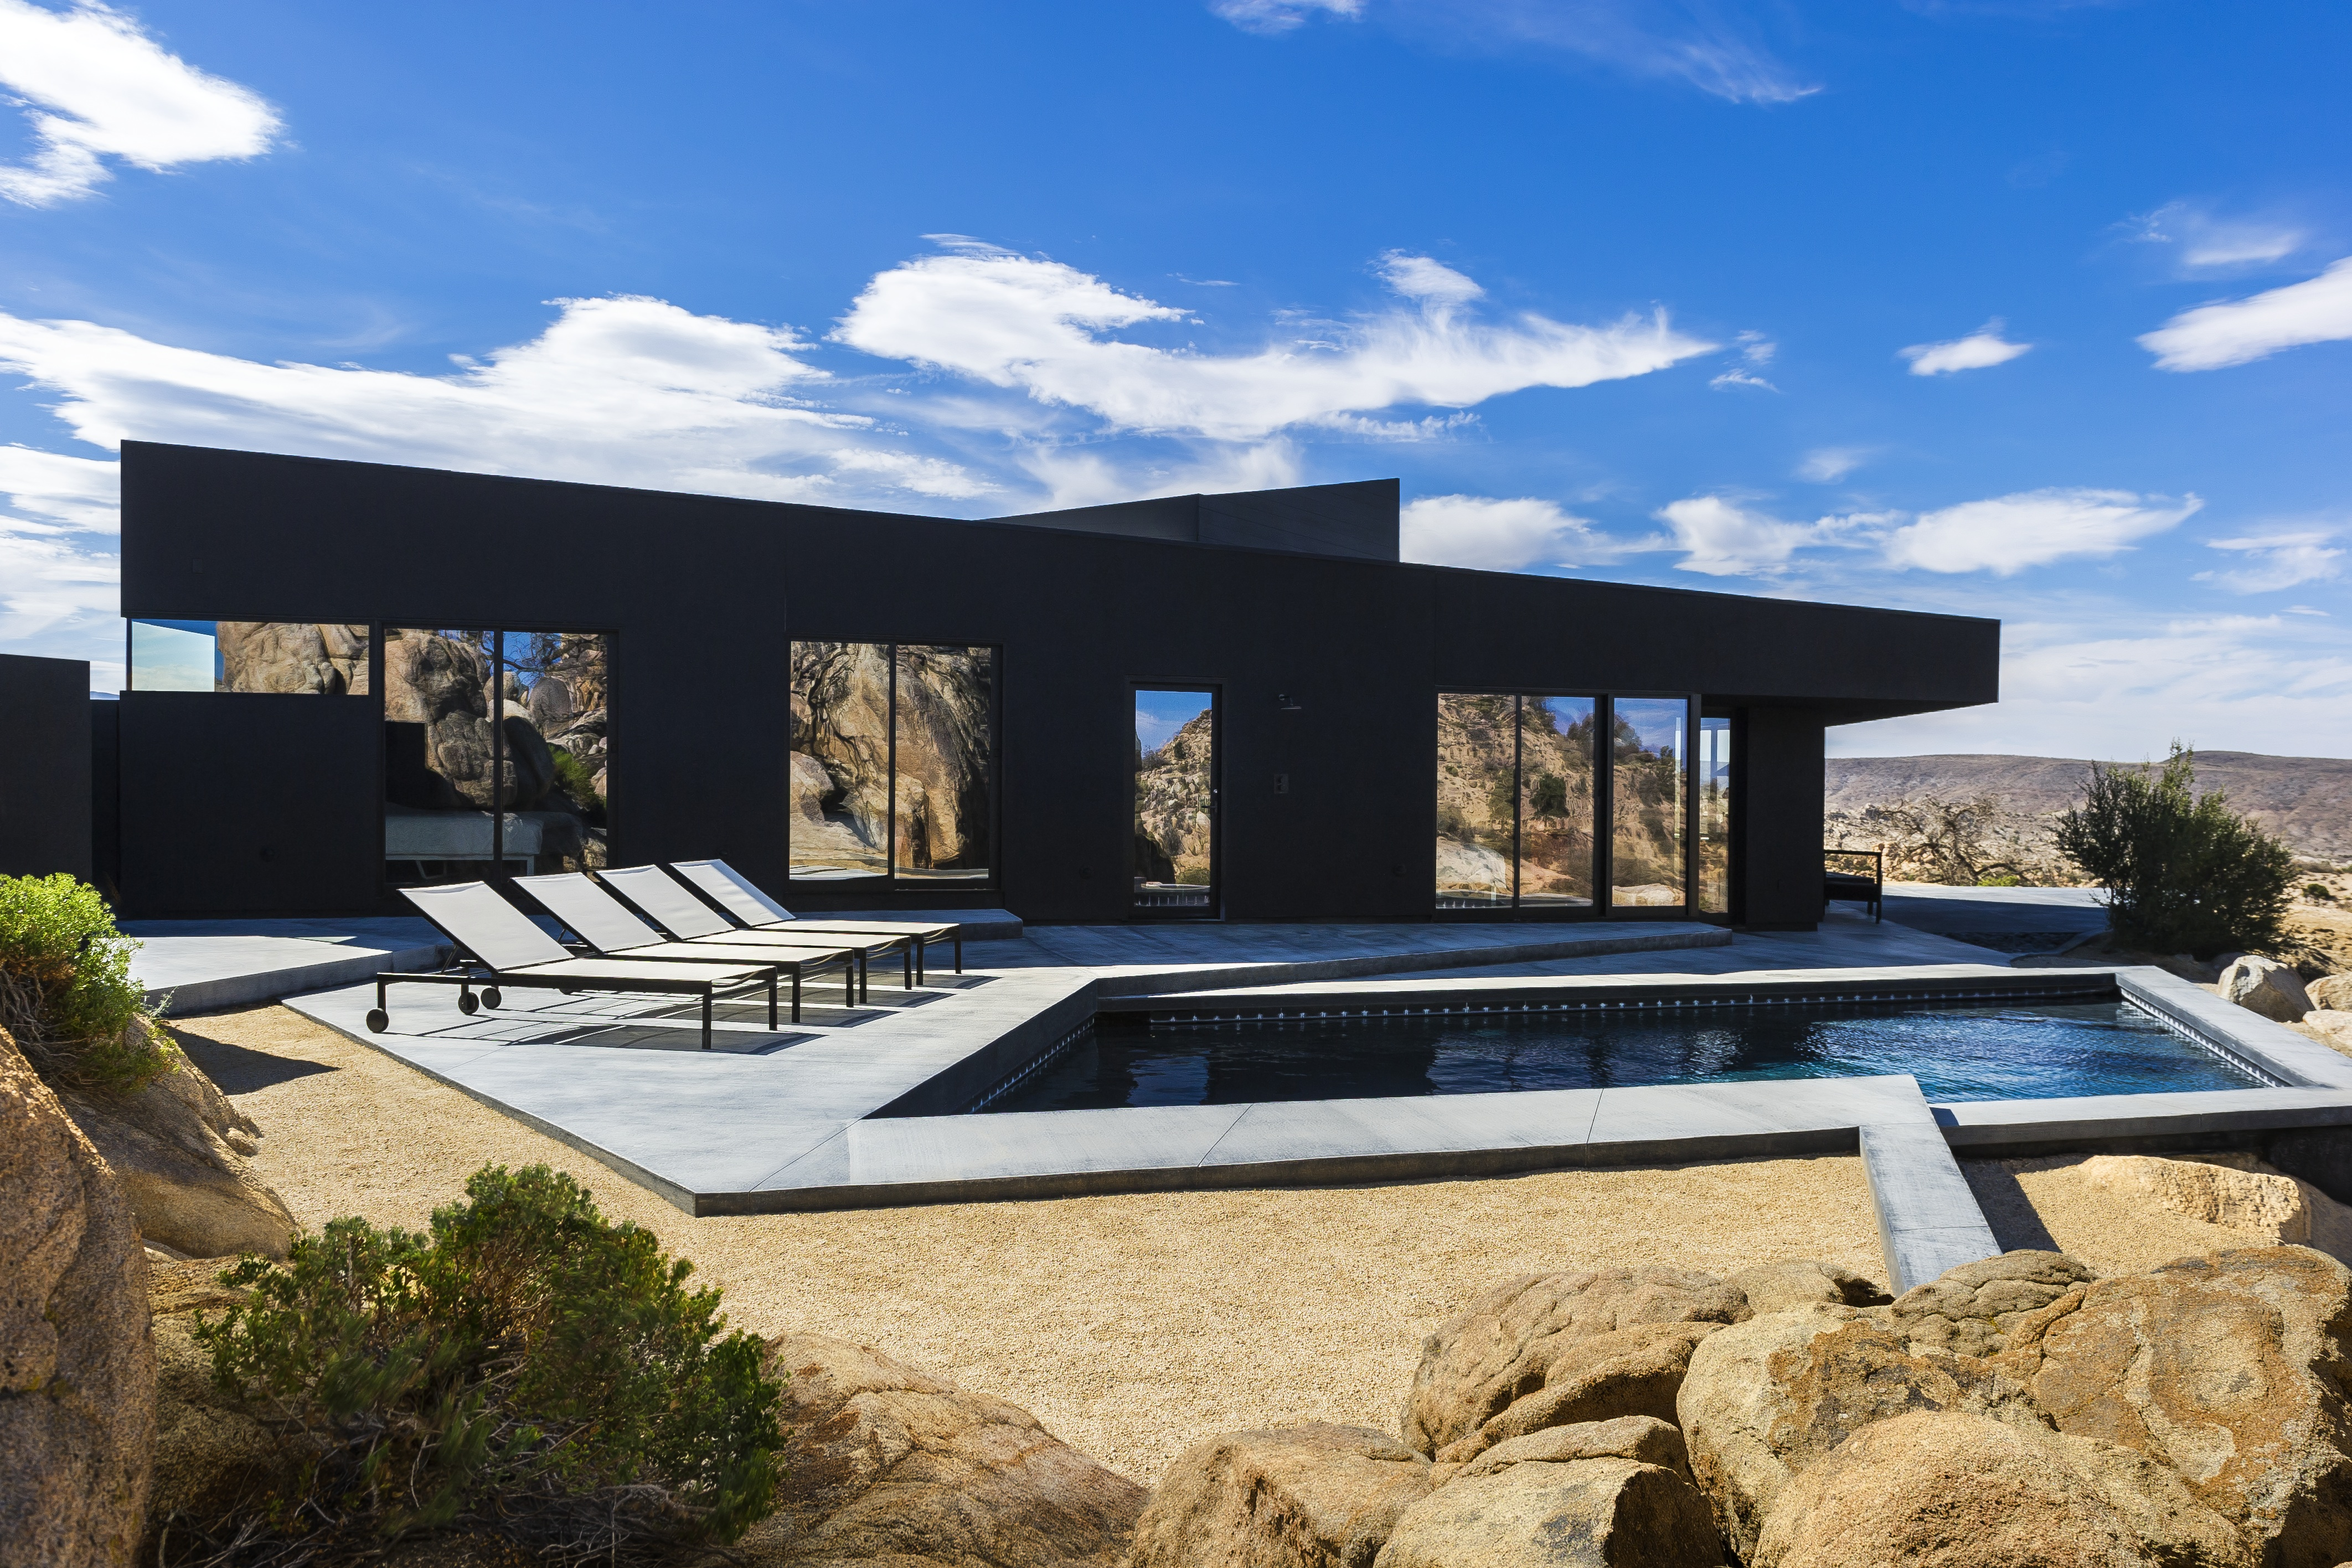 The black desert house by marc atlan oller pejic ignant